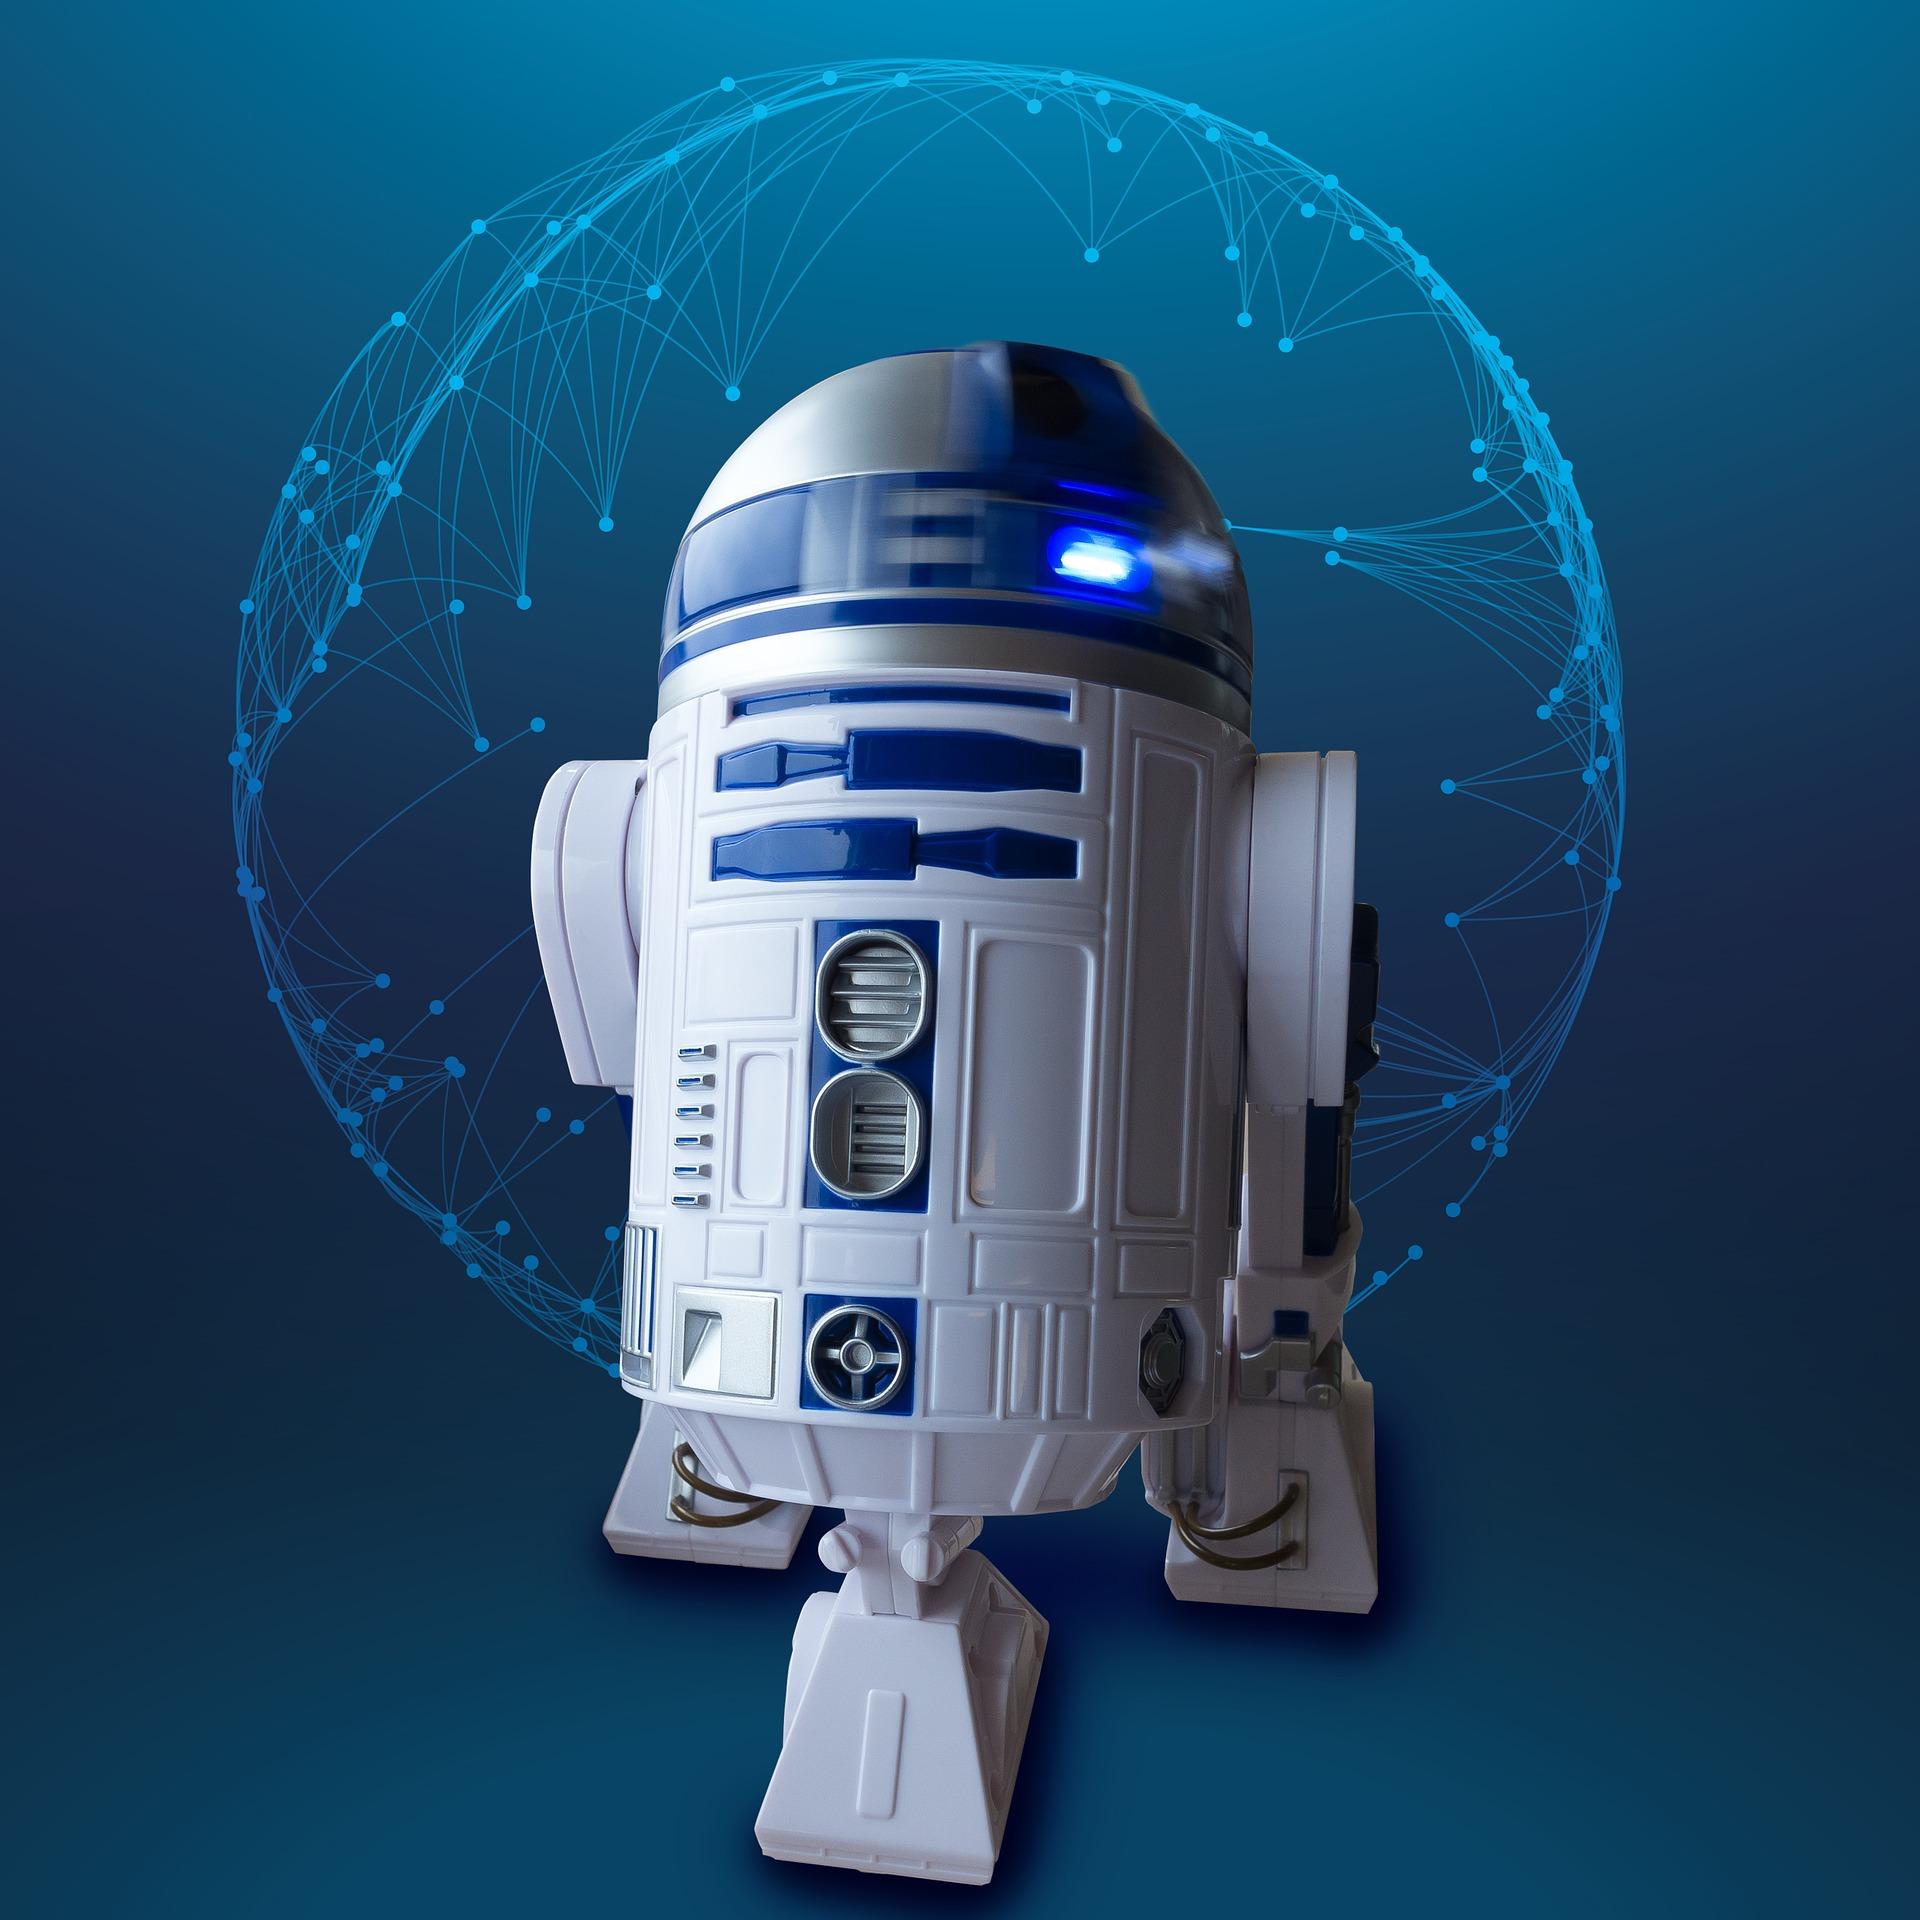 robot-1084776_1920.jpg